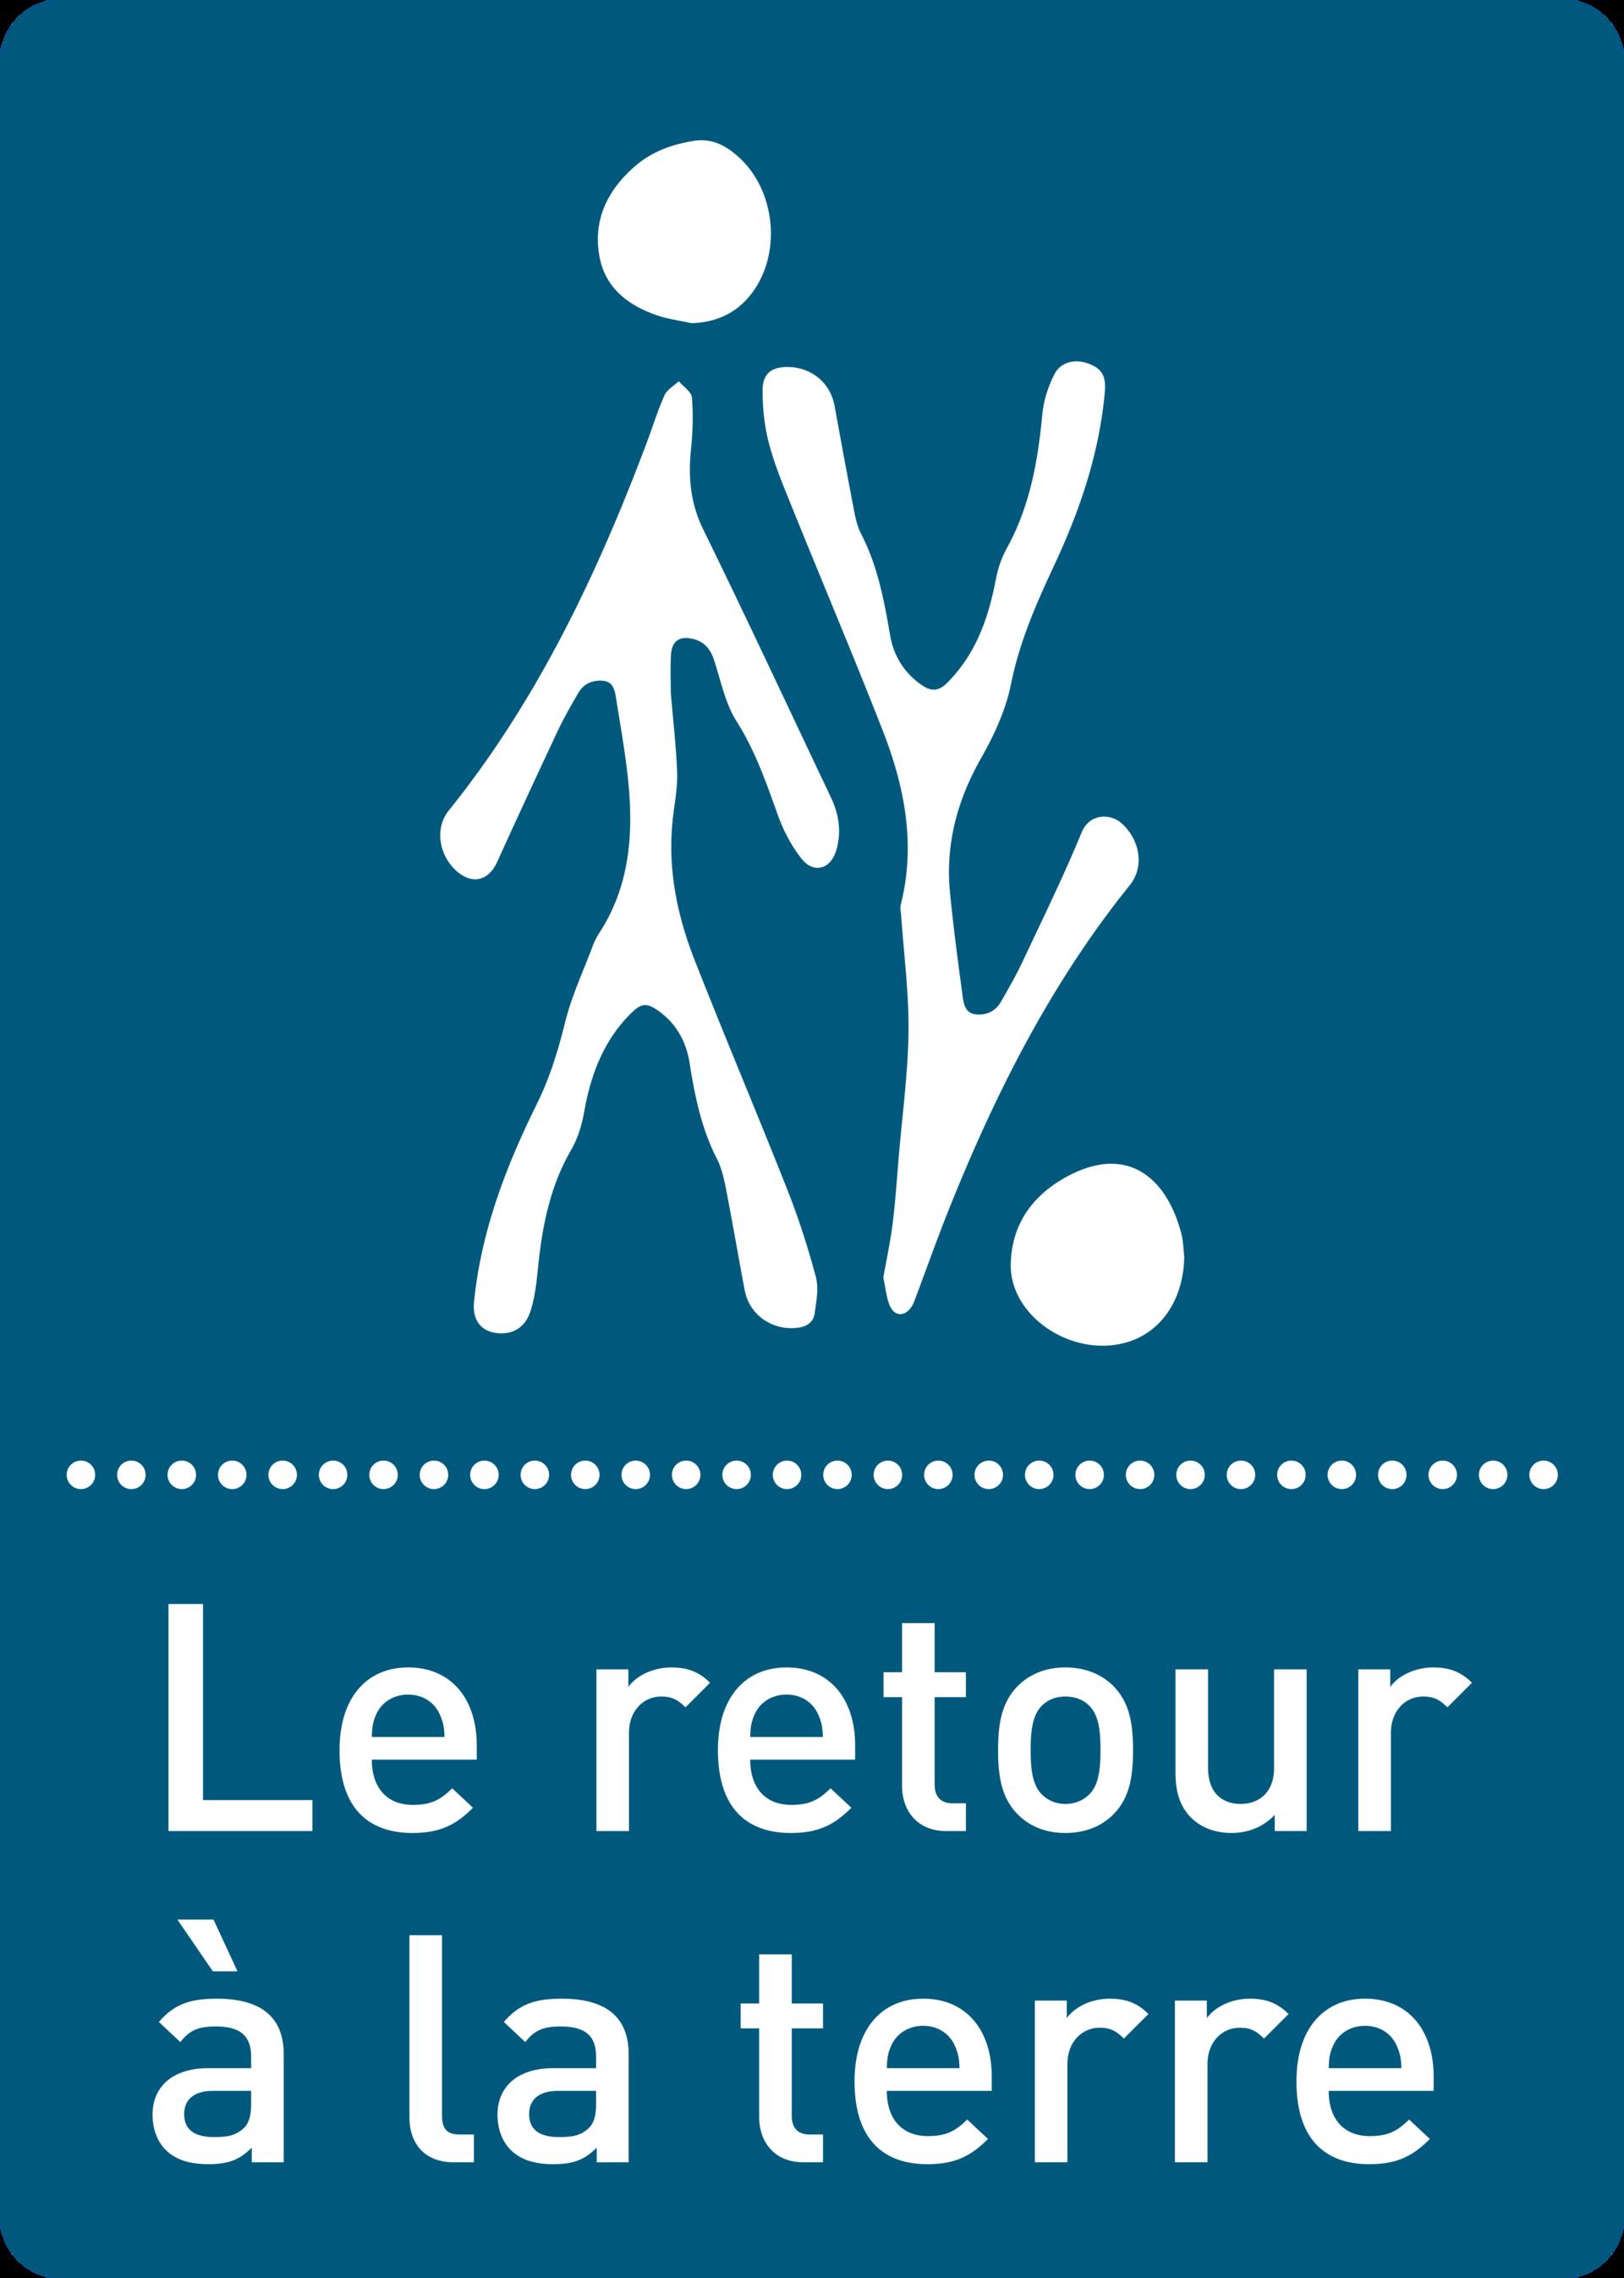 af4f4c17e75 Le Retour à la Terre - Vos magasins bio de référence au coeur de Paris